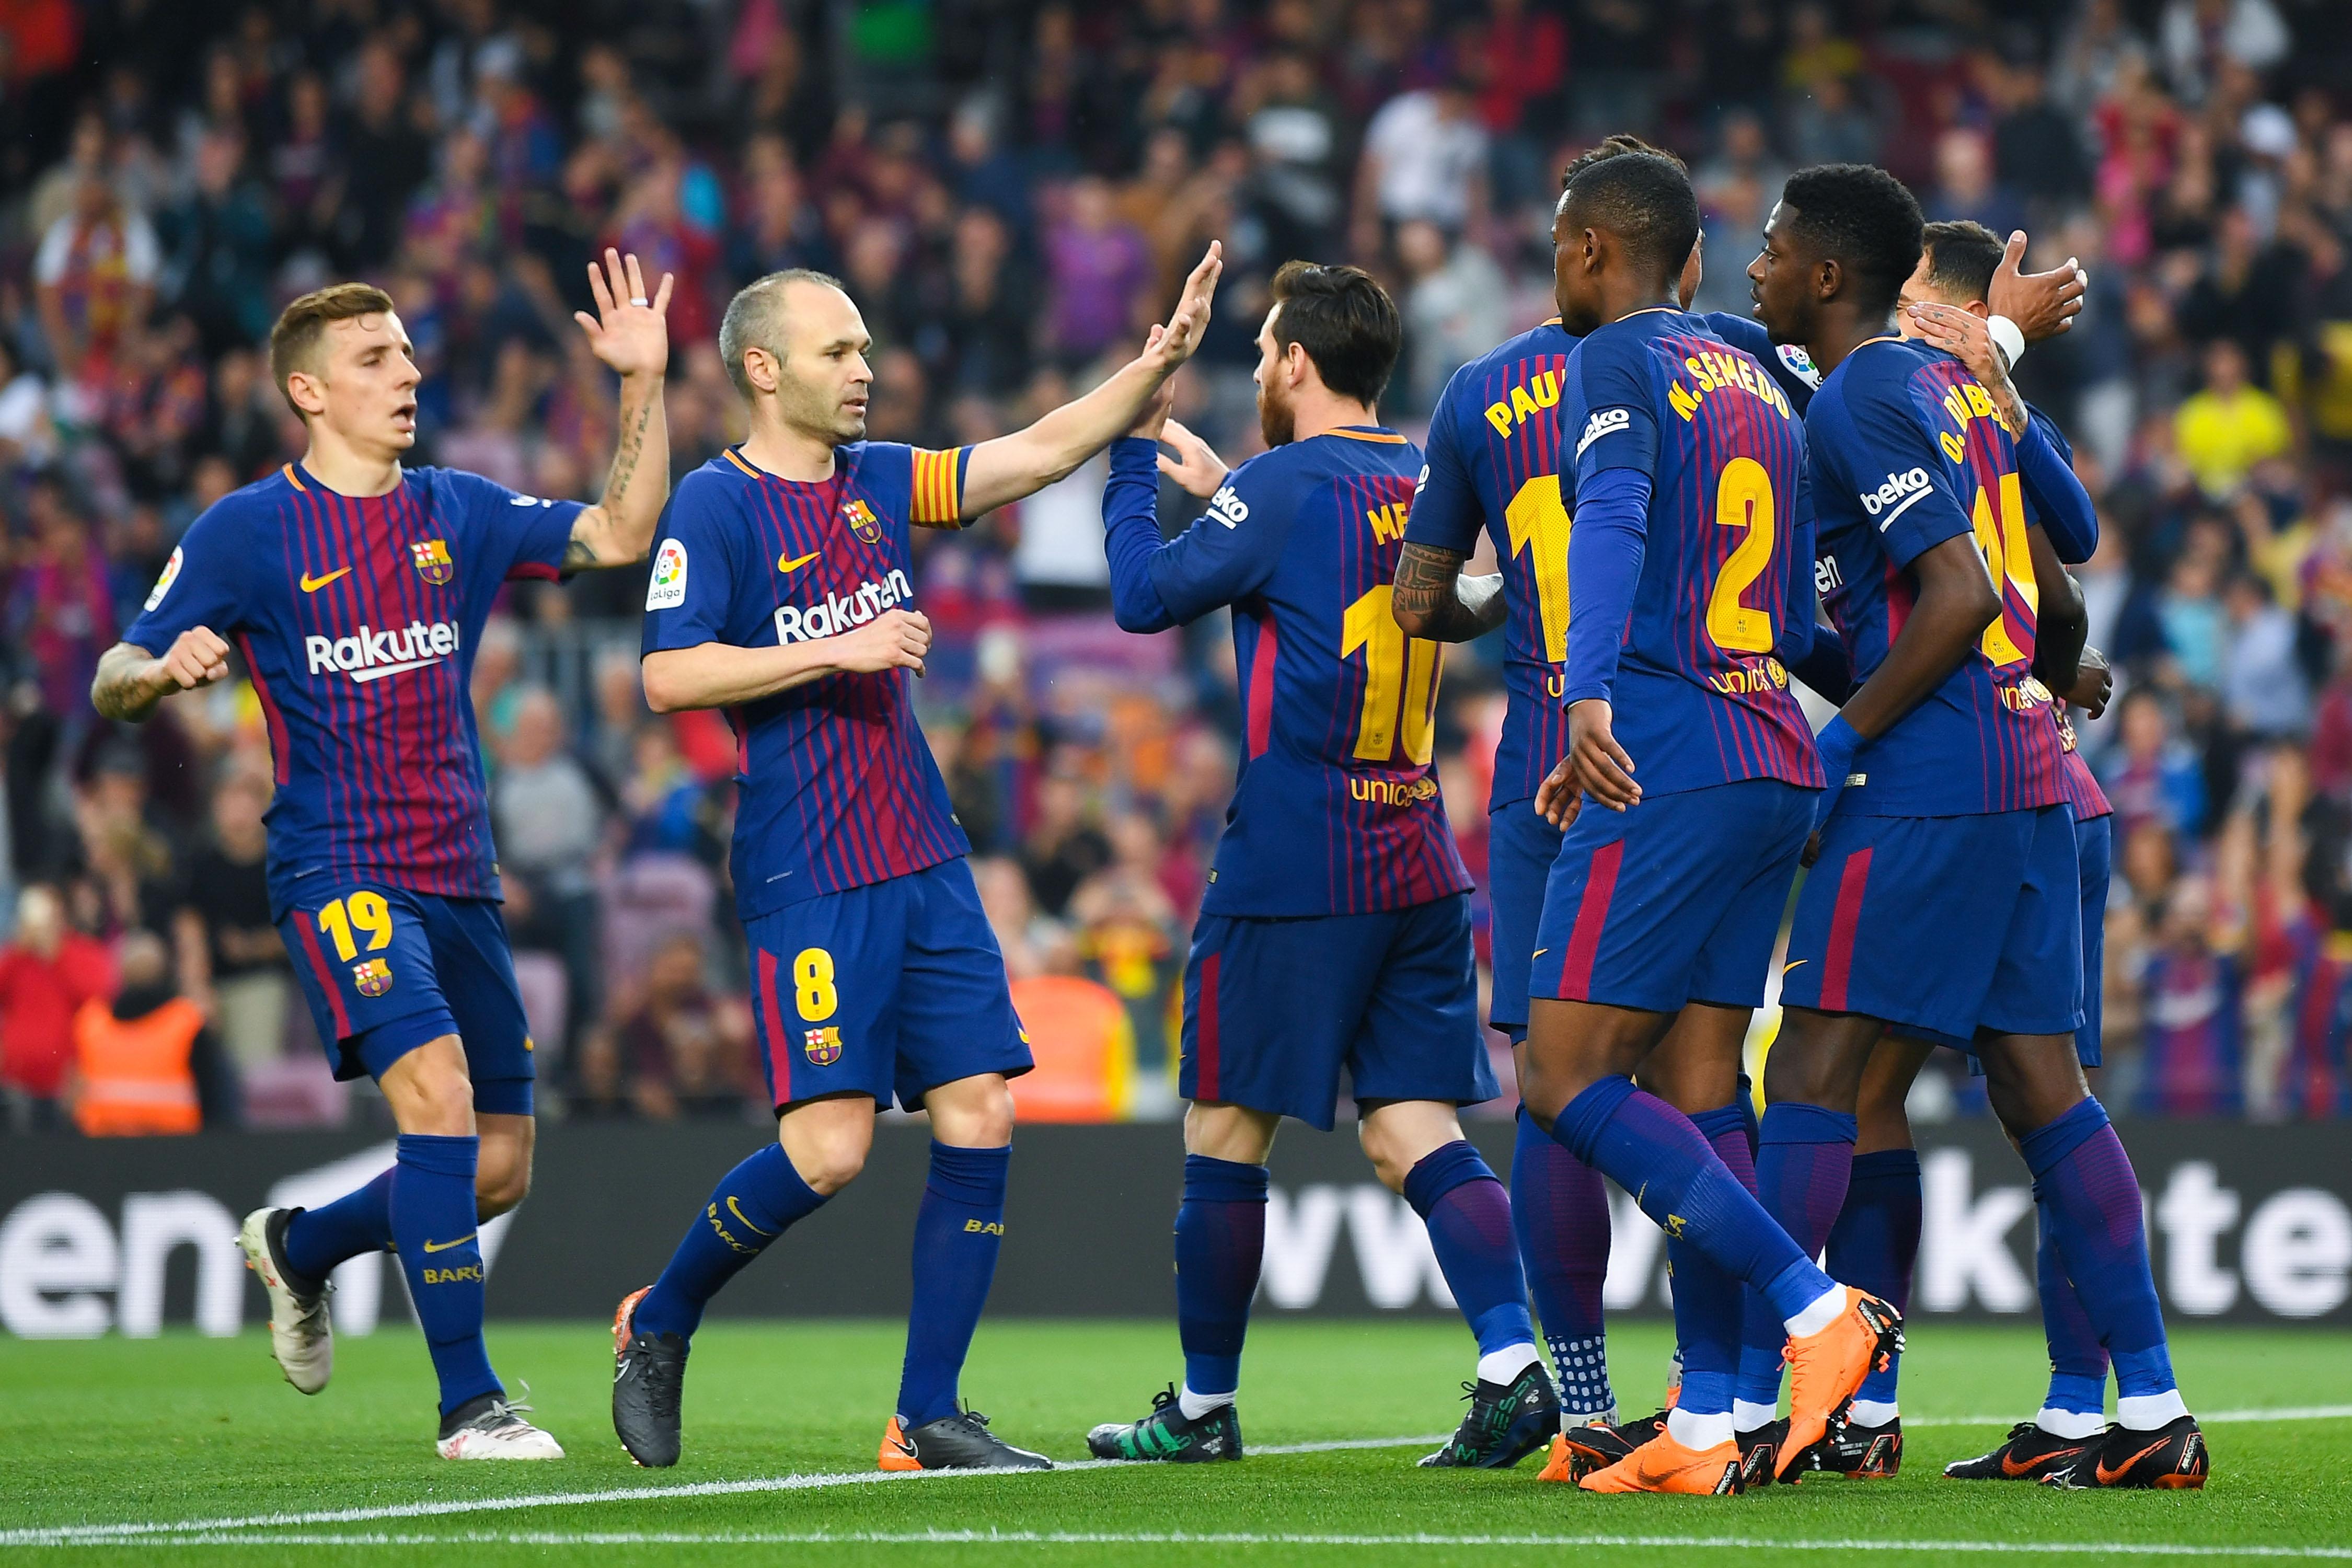 След силно първо полувреме тимът на Барселона се наложи с